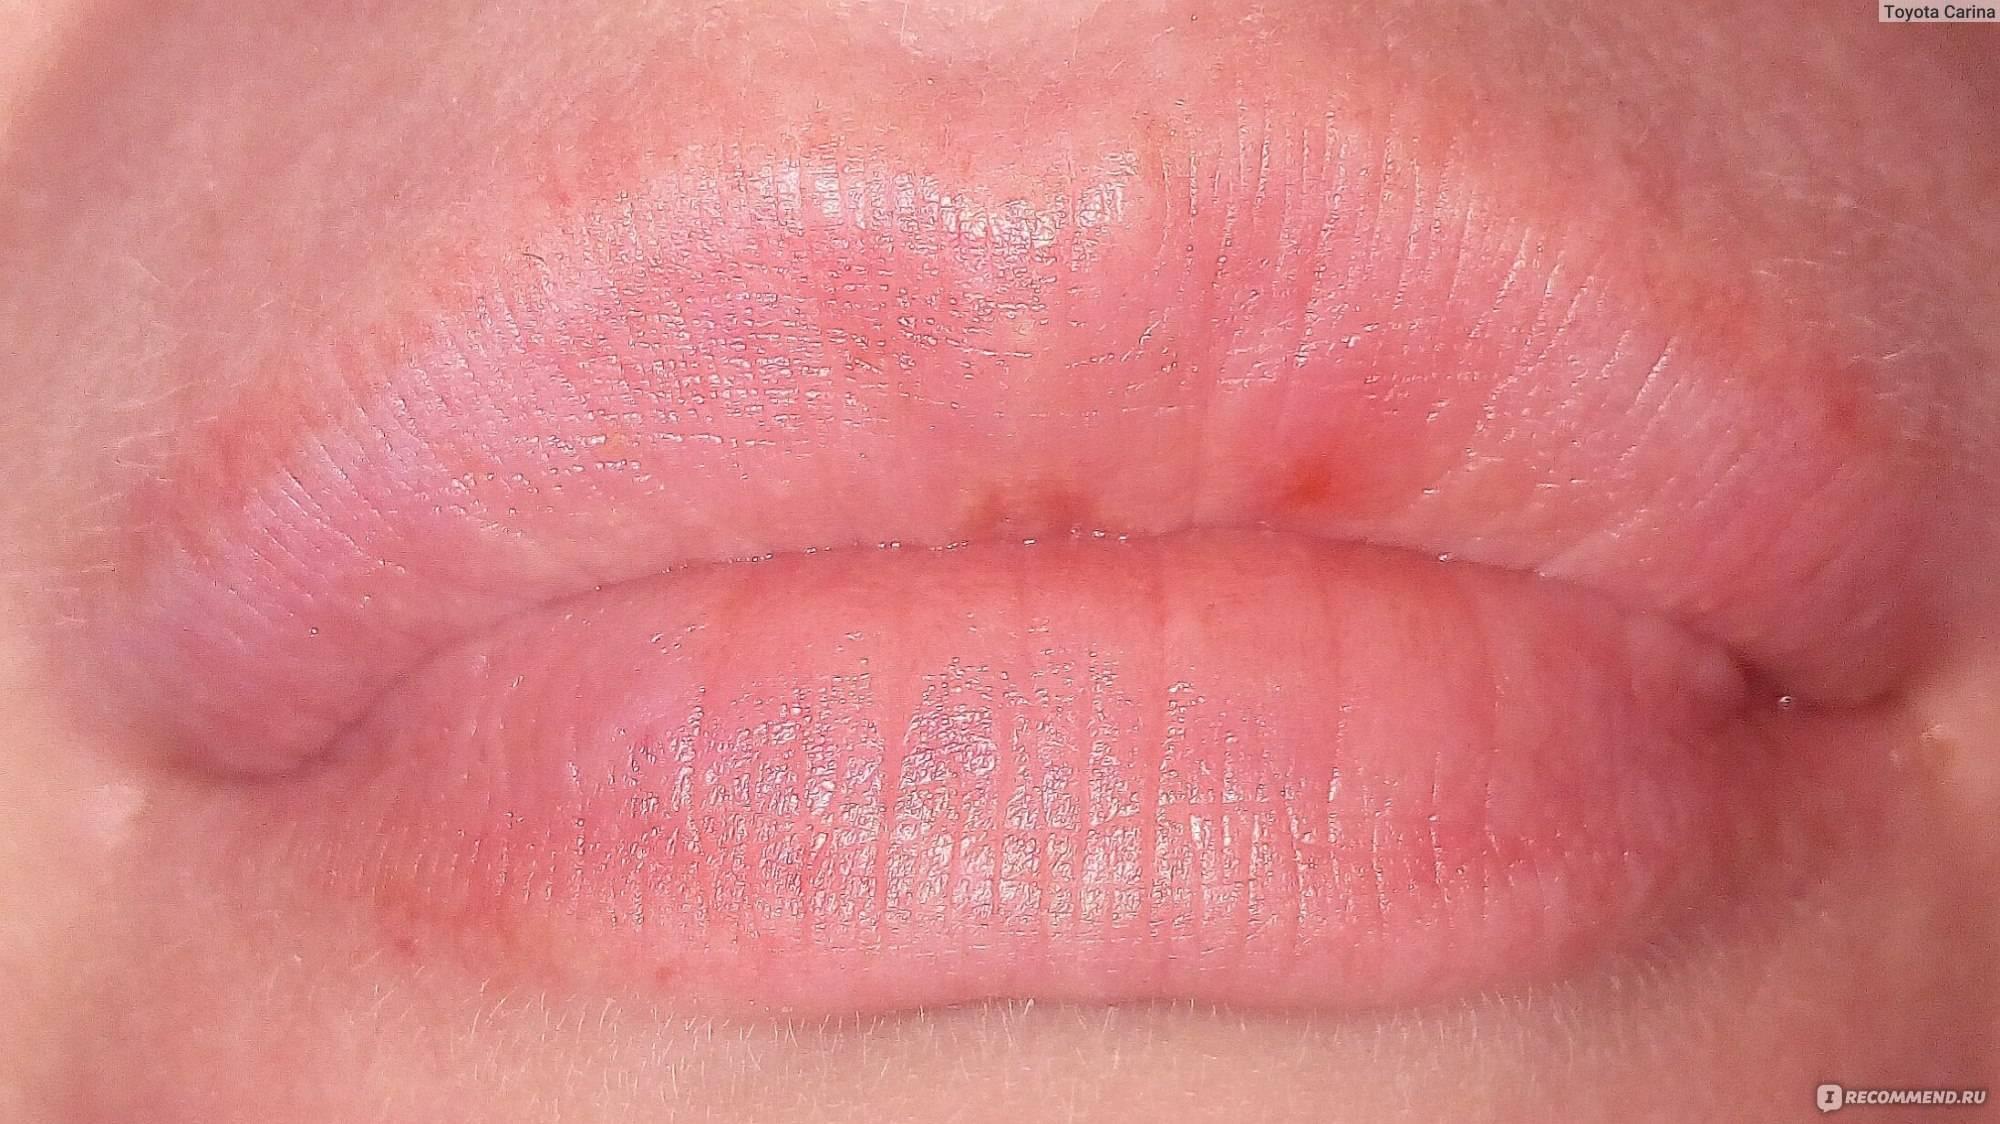 Герпес на губах - причины, симптомы, лечение, профилактика и средства